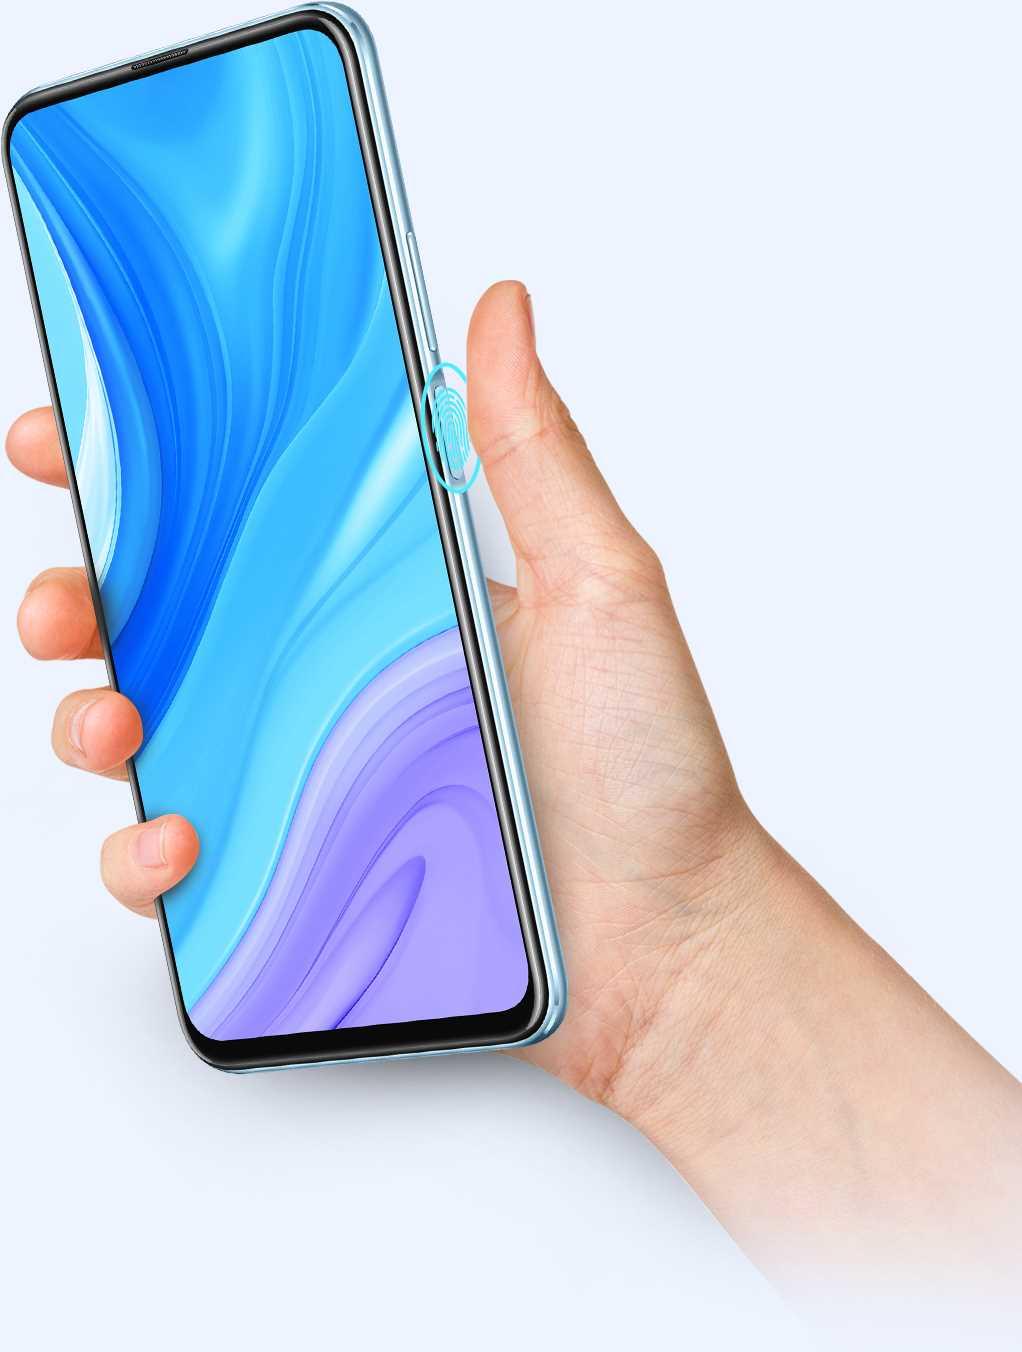 بصمة إصبع مثبتة على الجانب الآن يمكن لفتح قفل هاتفك في غضون 0.3 أن يصبح حقيقة مع قارئ بصمة الإصبع المتطور المثبت على الجانب. بسبب التكامل لزر الطاقة وقارئ بصمات الأصابع، لا يستغرق الأمر سوى ثانية واحدة لإيقاظ المساعد الصوتي بالضغط لفترة طويلة على الزر و3 ثوانٍ لإيقاف تشغيل جهازك..